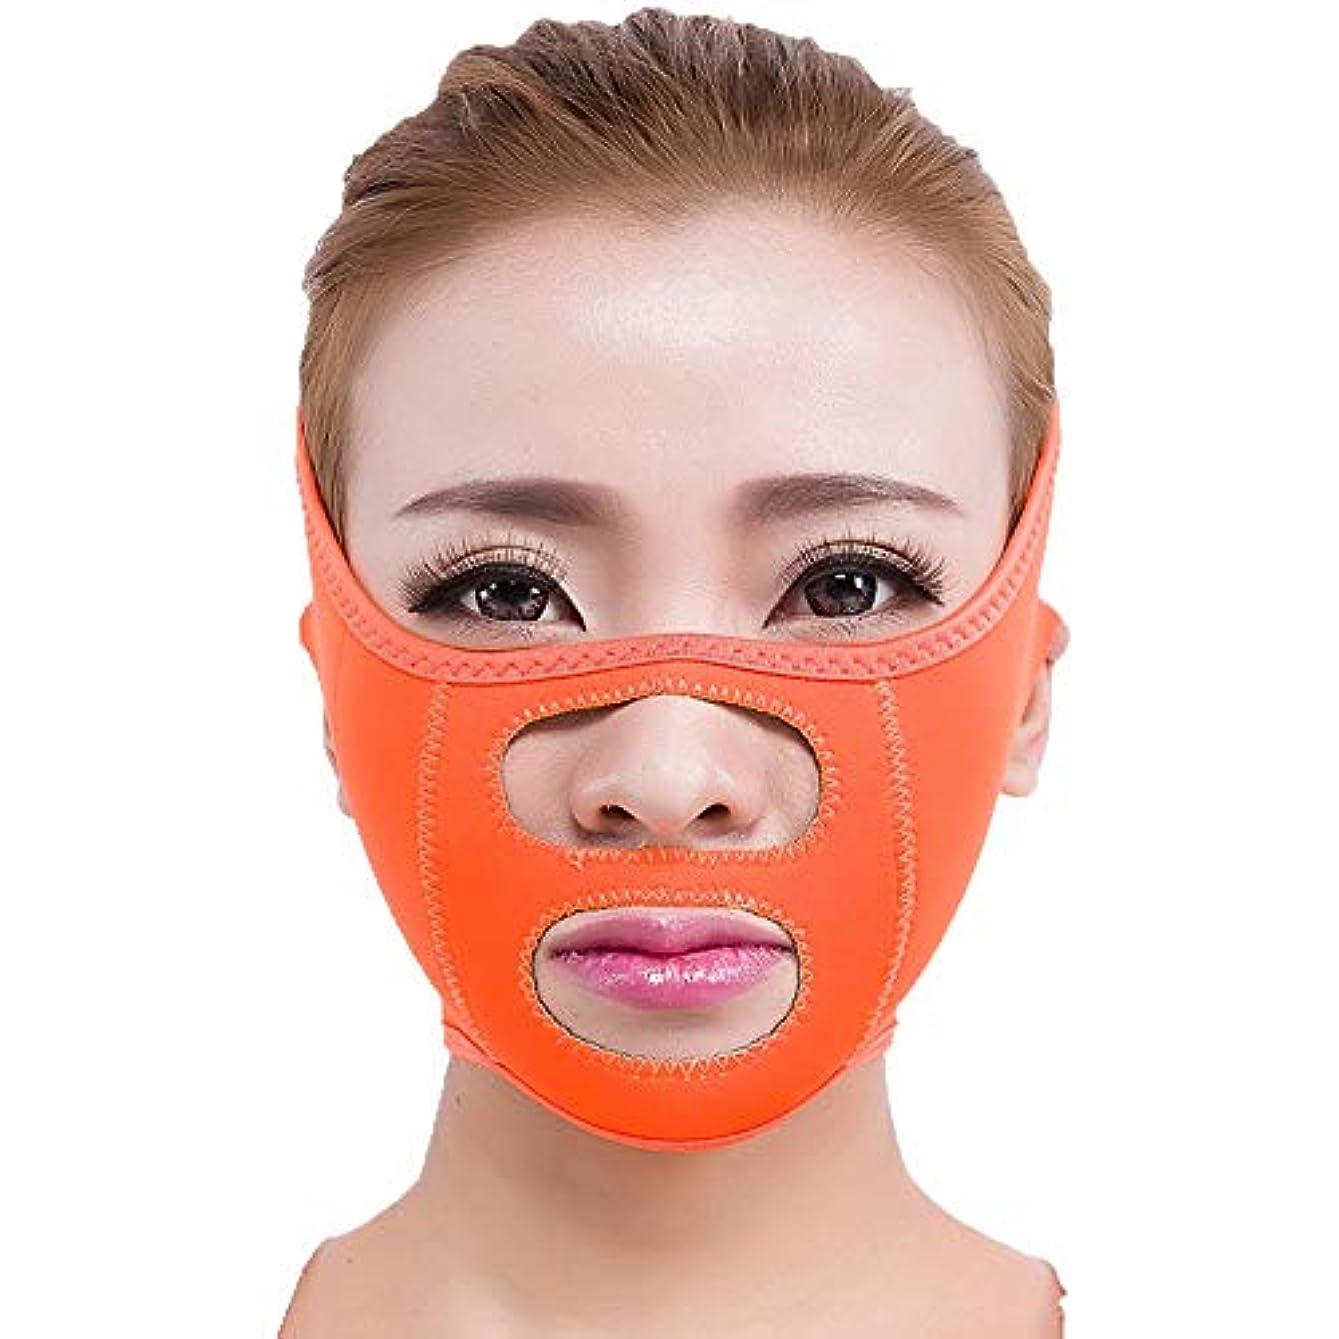 疑問を超えて絡まる原稿二重顎の圧力低下装置、睡眠薄い顔のベルト小さなvの顔の器械の包帯マスク持ち上げる顔のステッカー,Orange